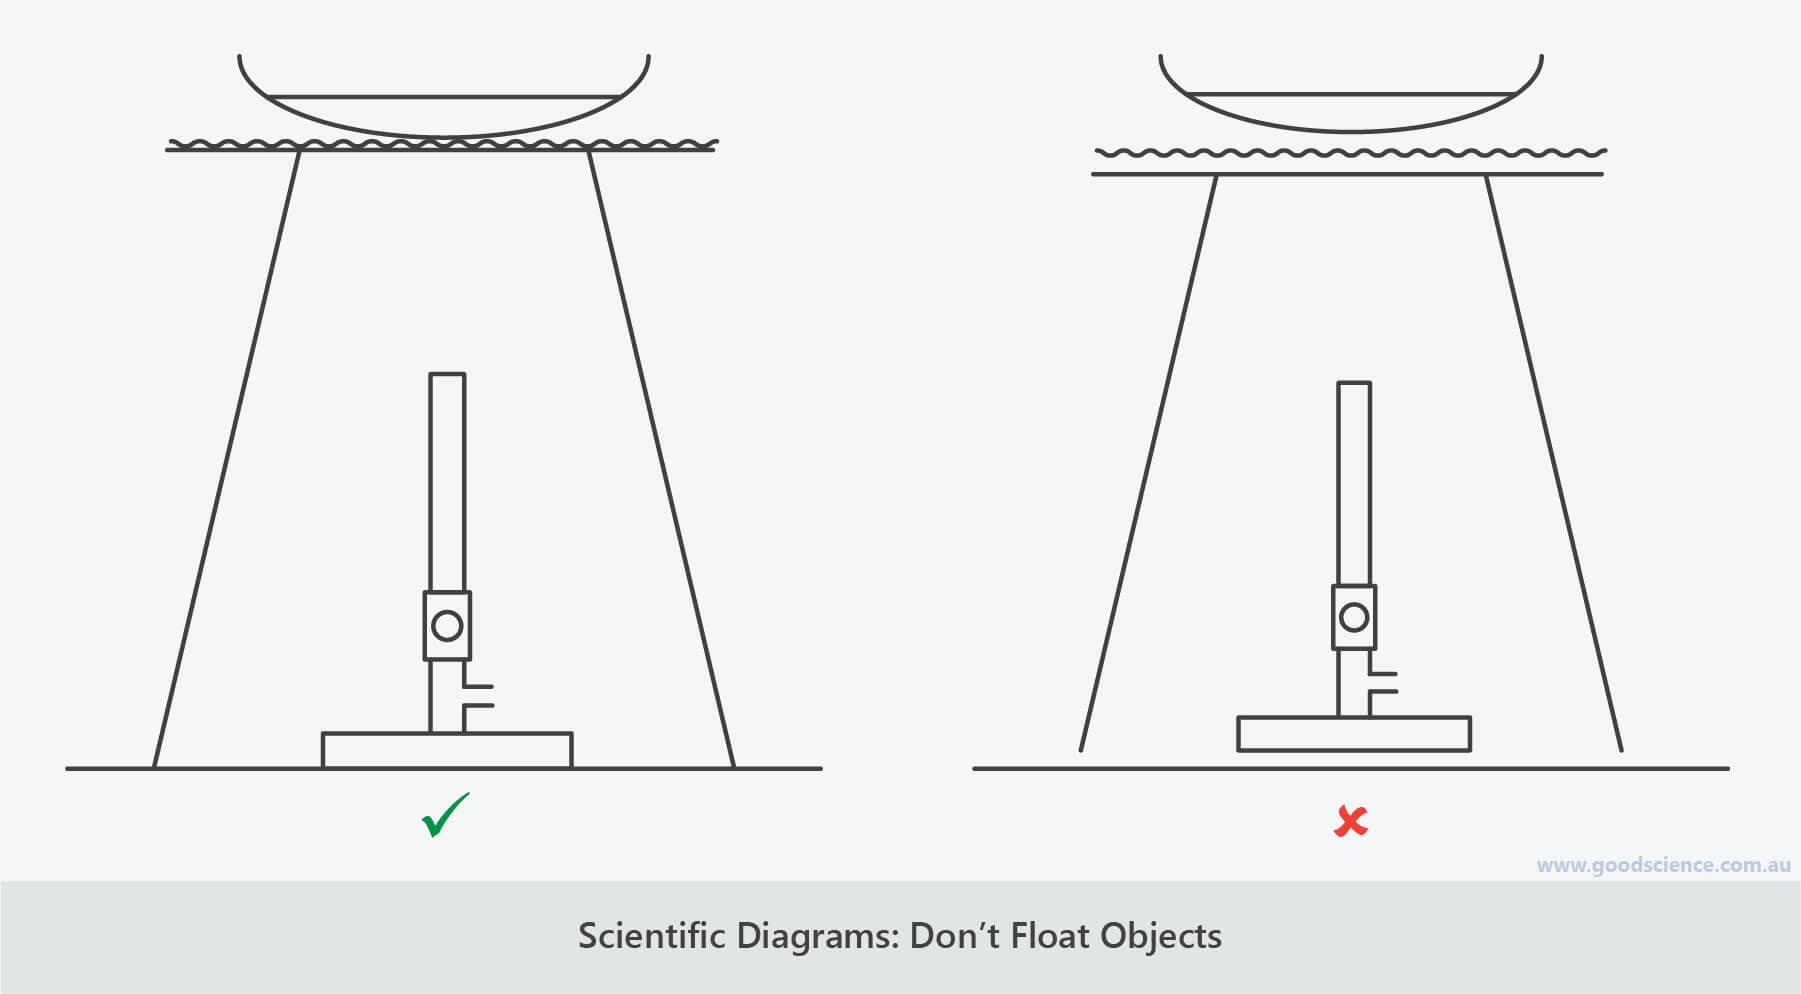 Scientific Diagrams